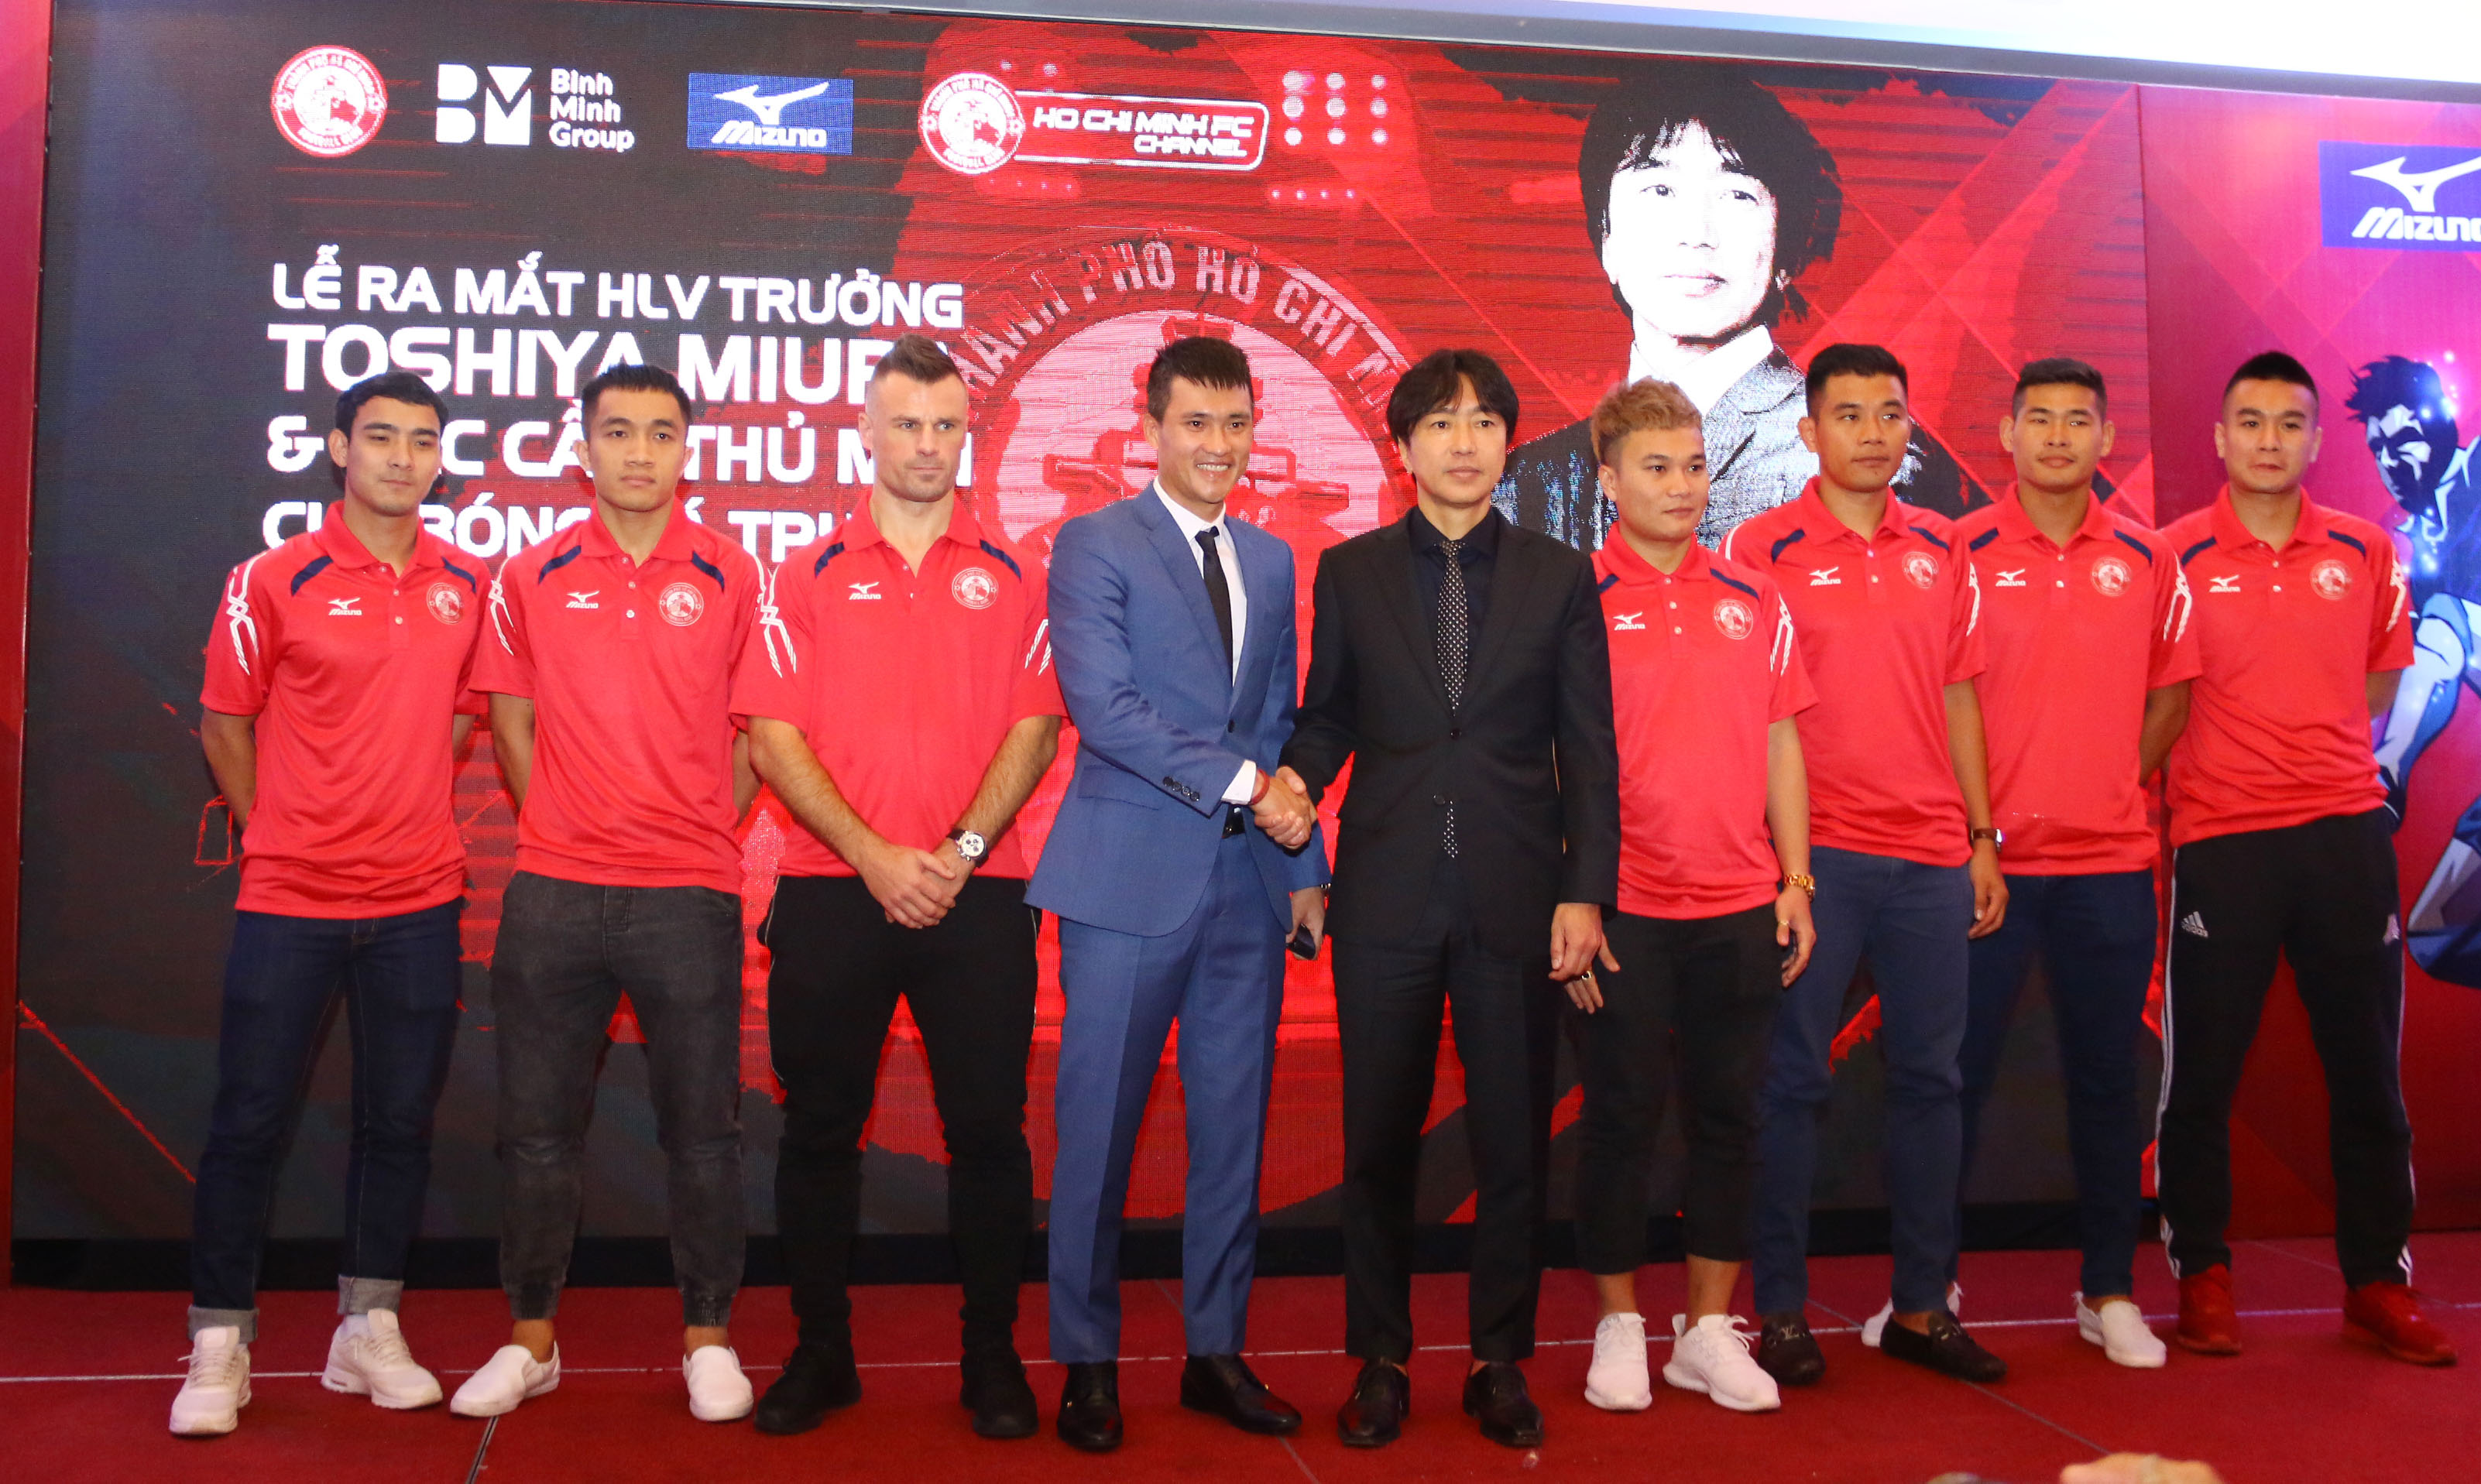 """Công Vinh ra  mắt """"siêu bom tấn"""" mùa giải mới V-League 2018 - Bóng Đá"""